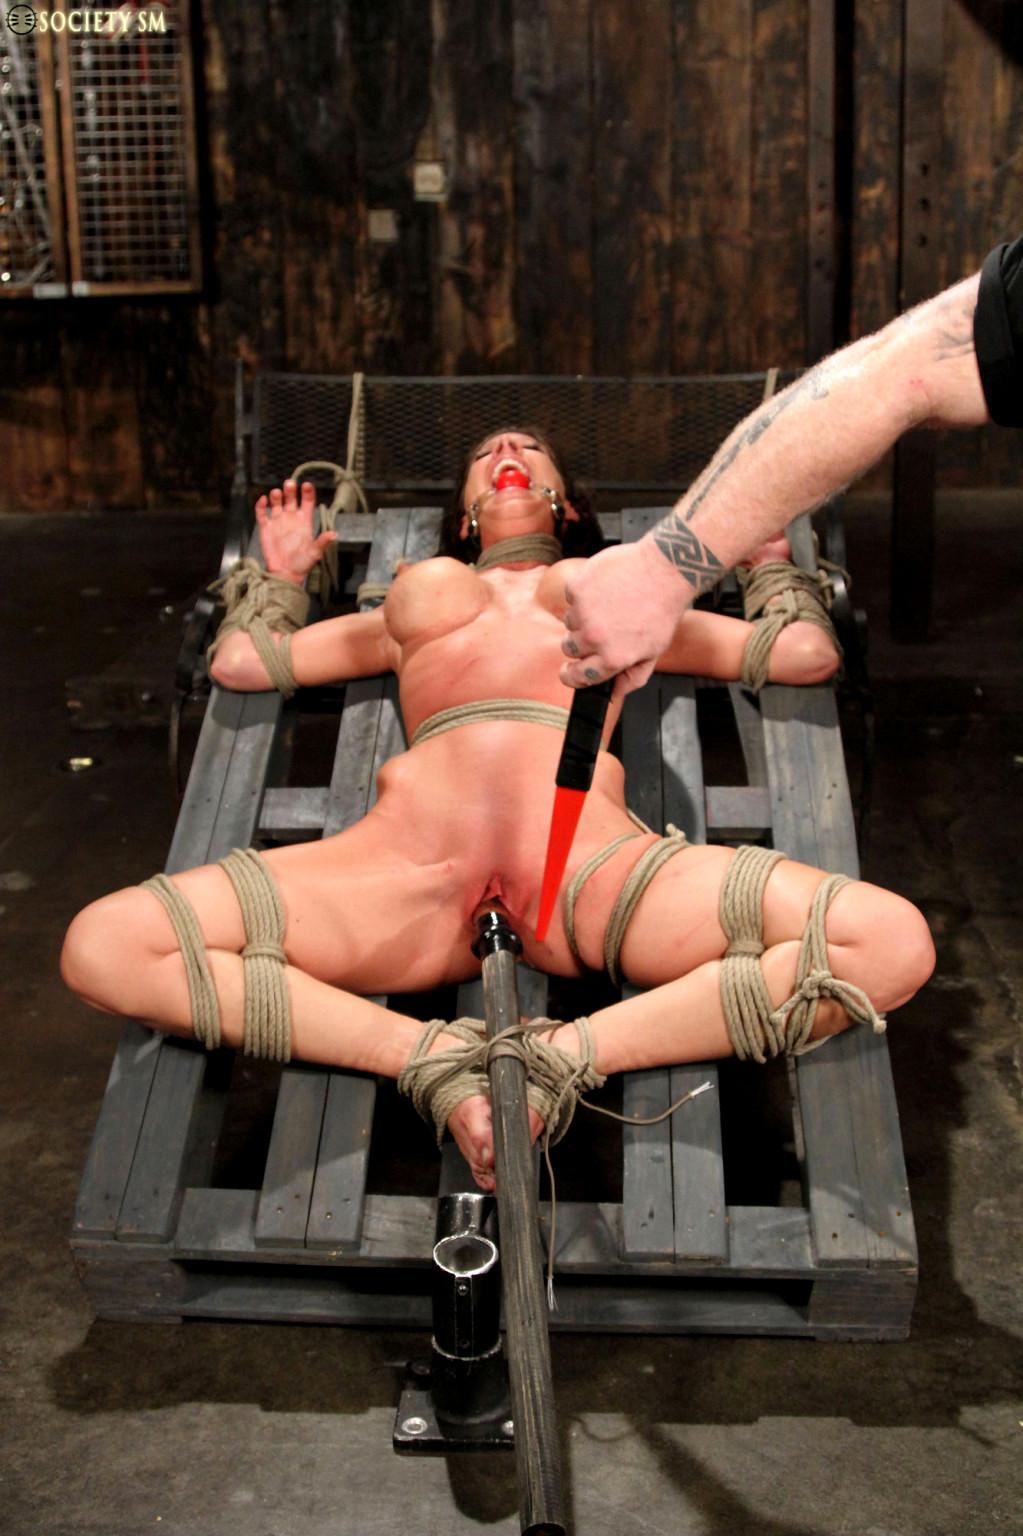 просмотреть видео порно бдсм жесткий секс драться необходимо